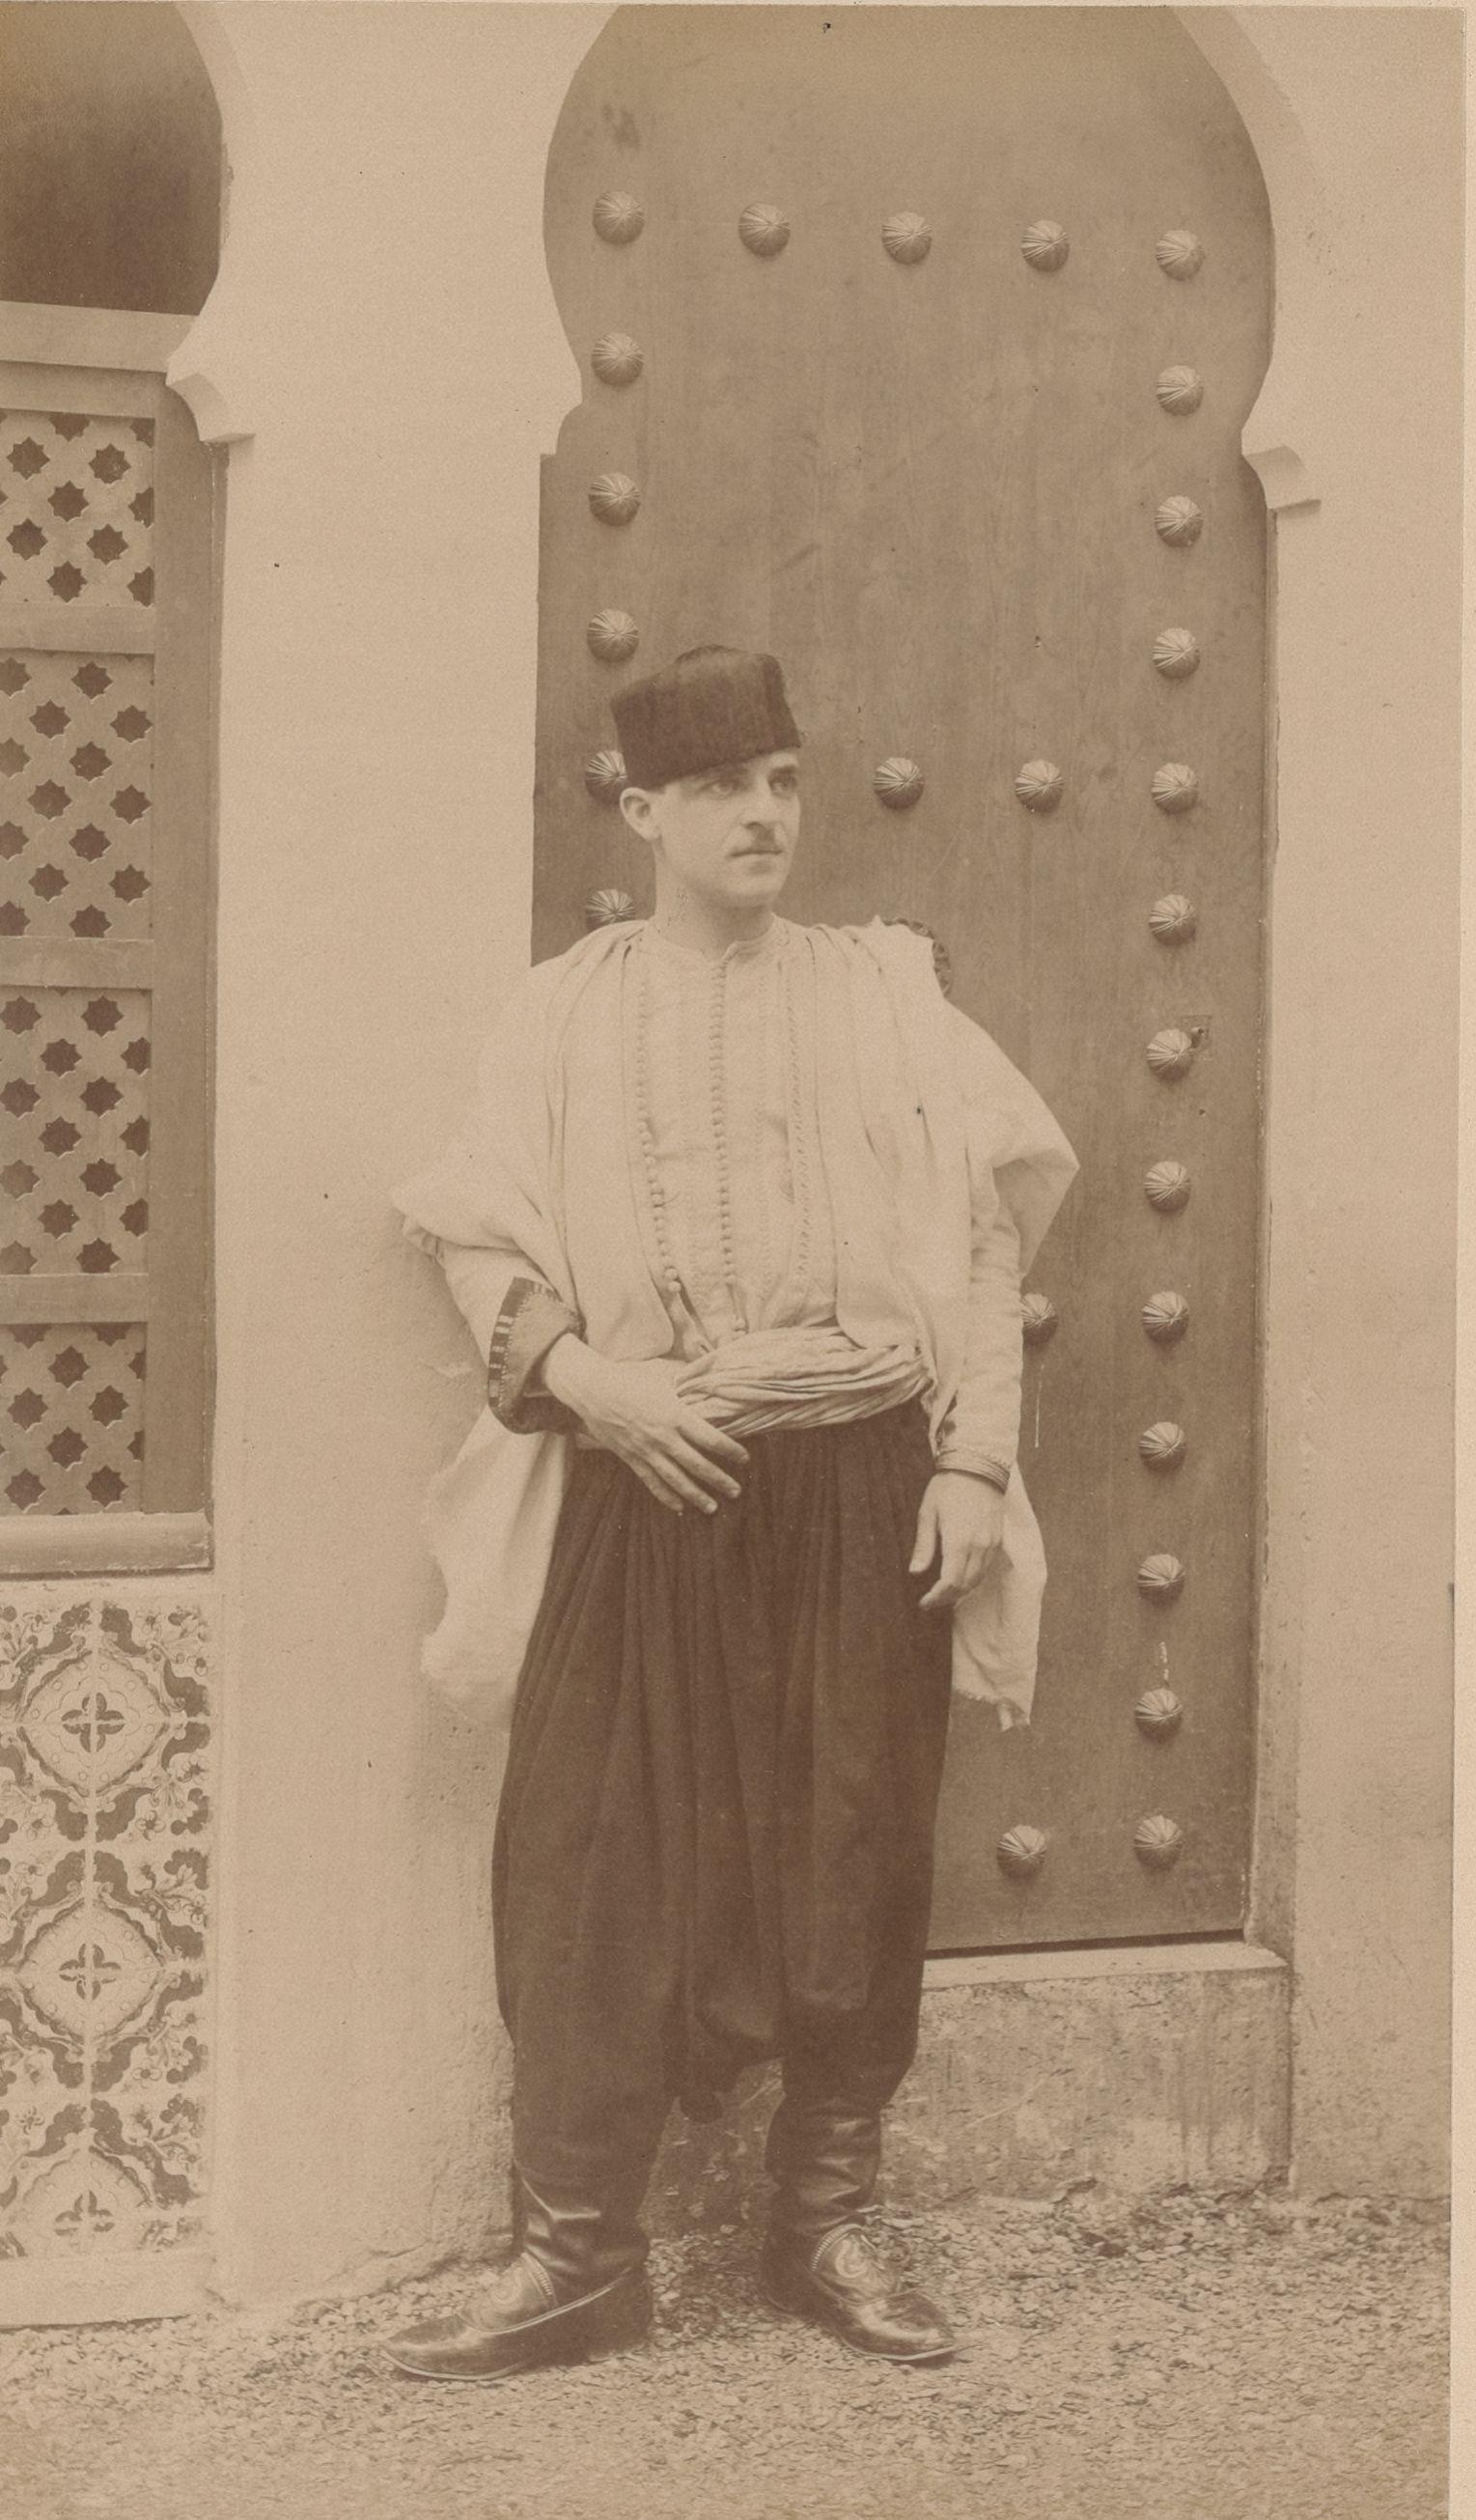 Мезгич (Исаак) 24 года, родился в Алжир